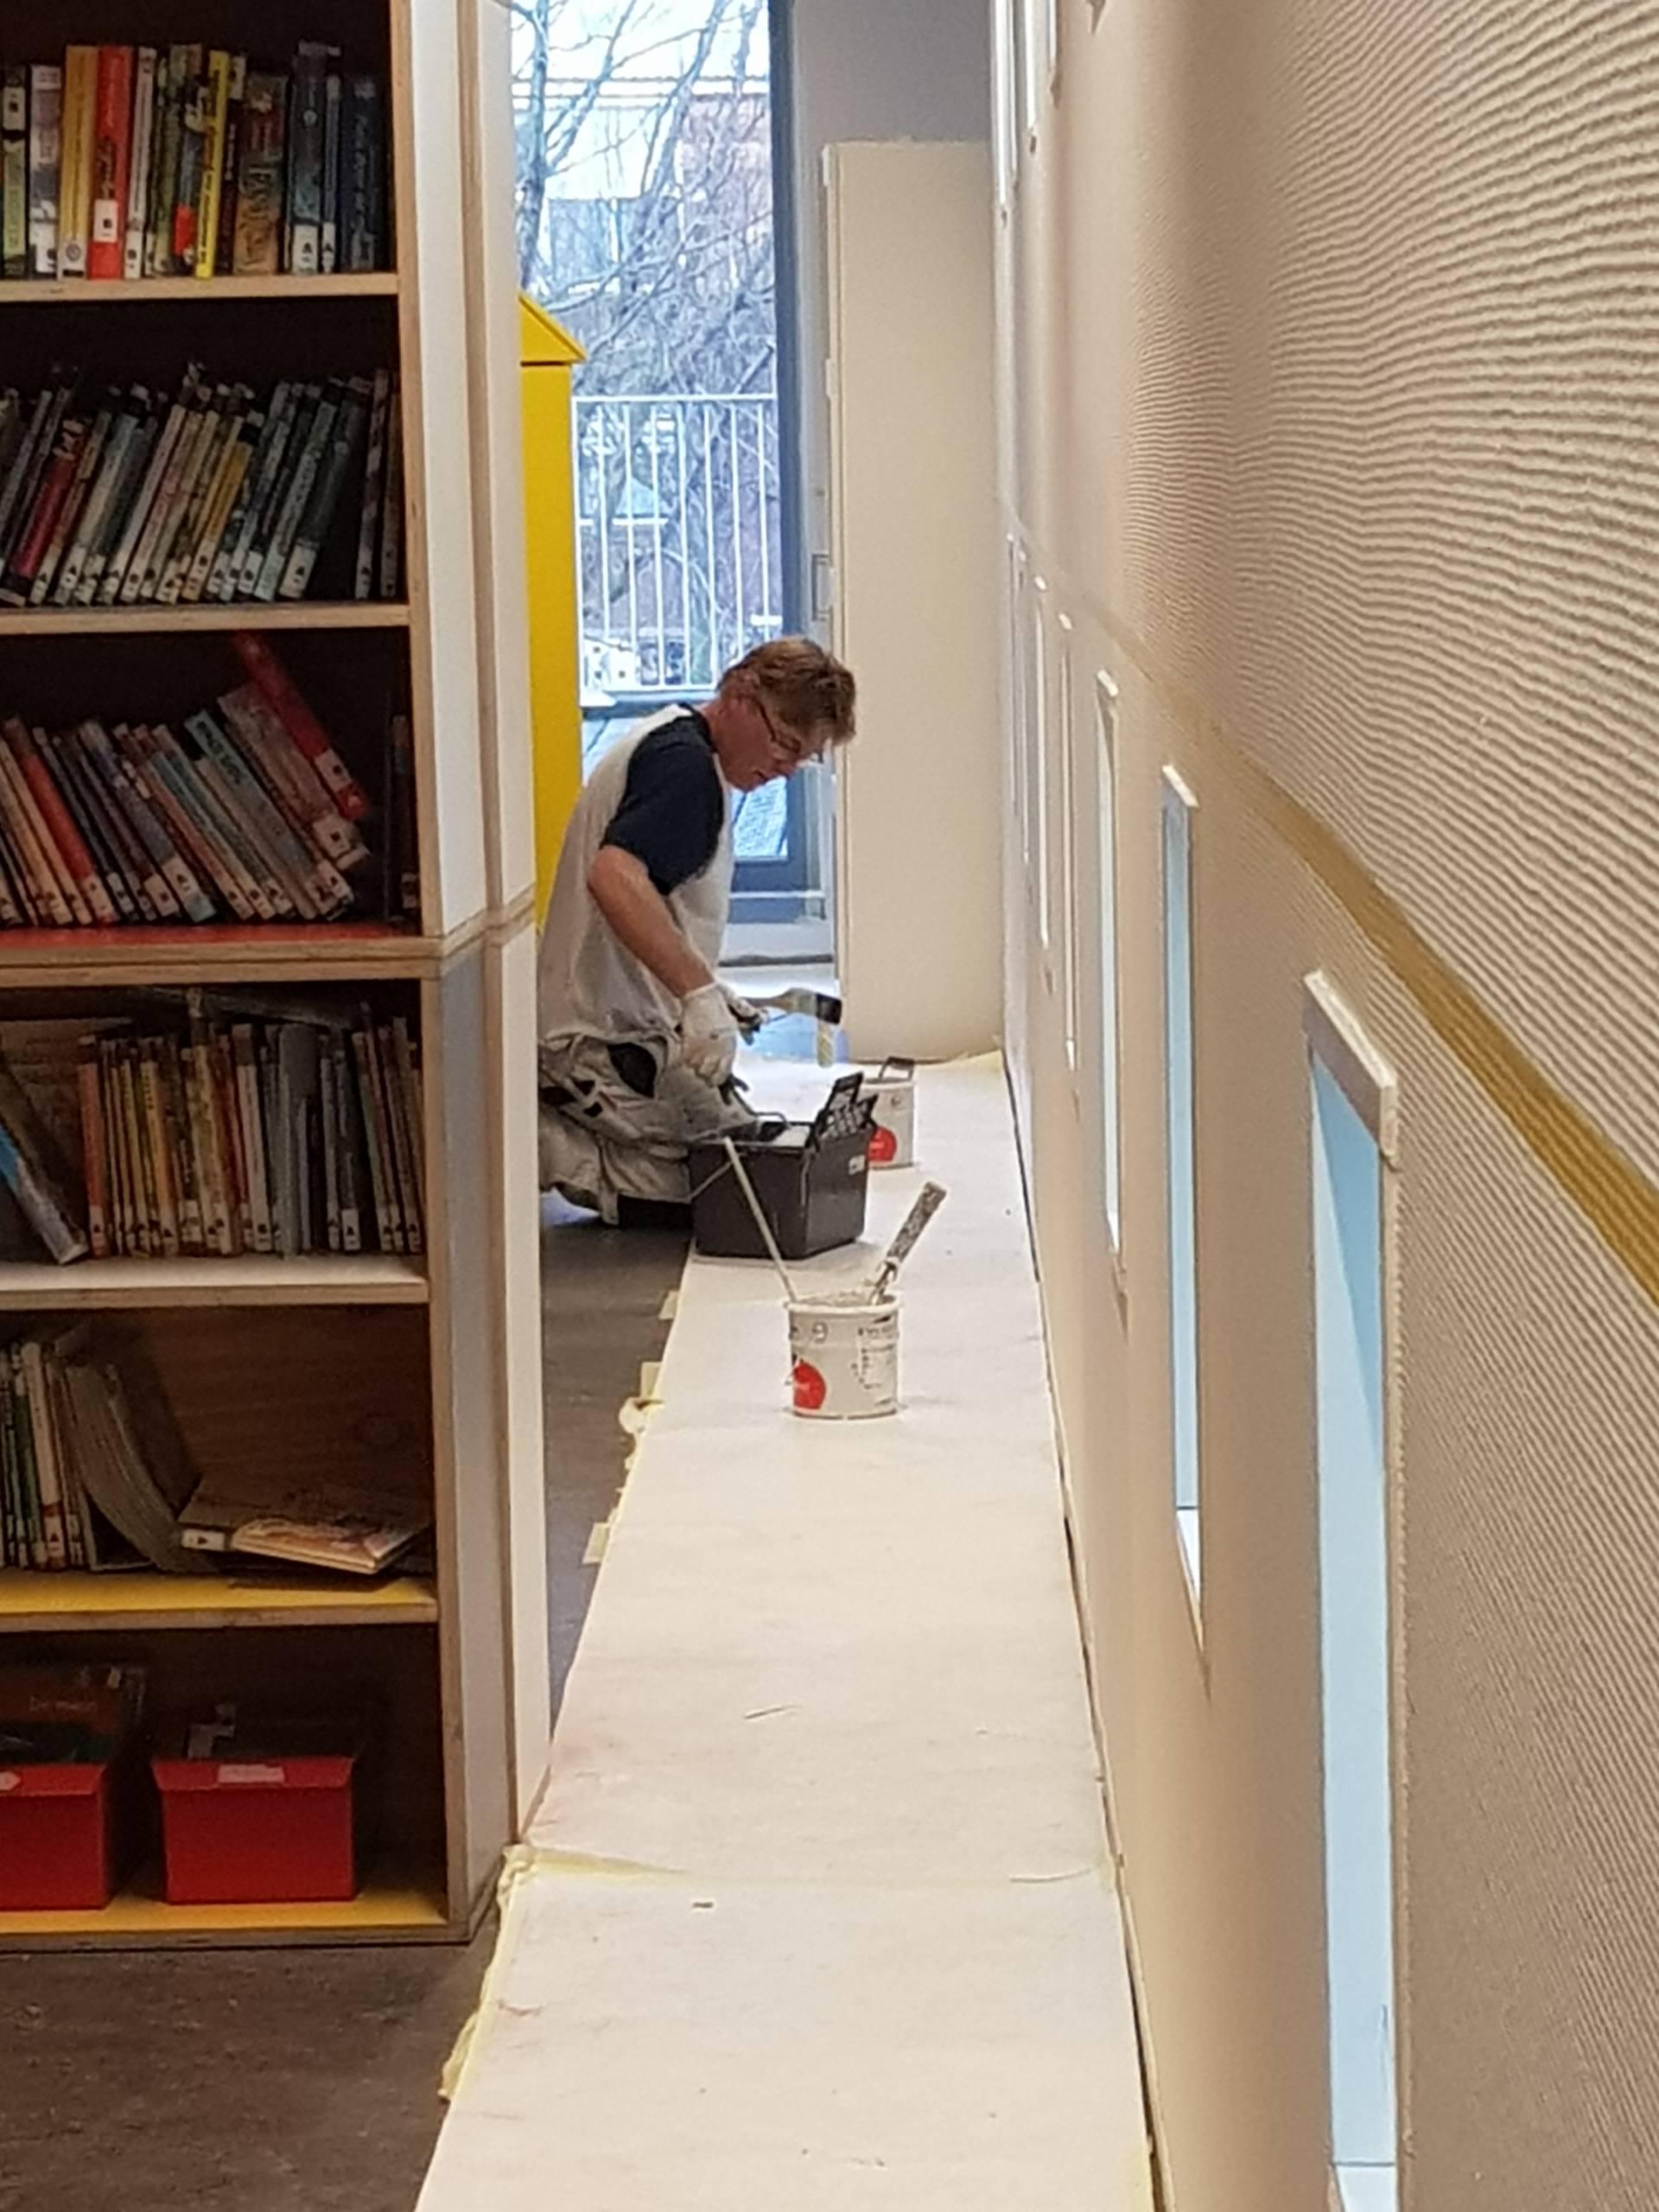 School schilderwerk wanden bibliotheek werknemer Weening